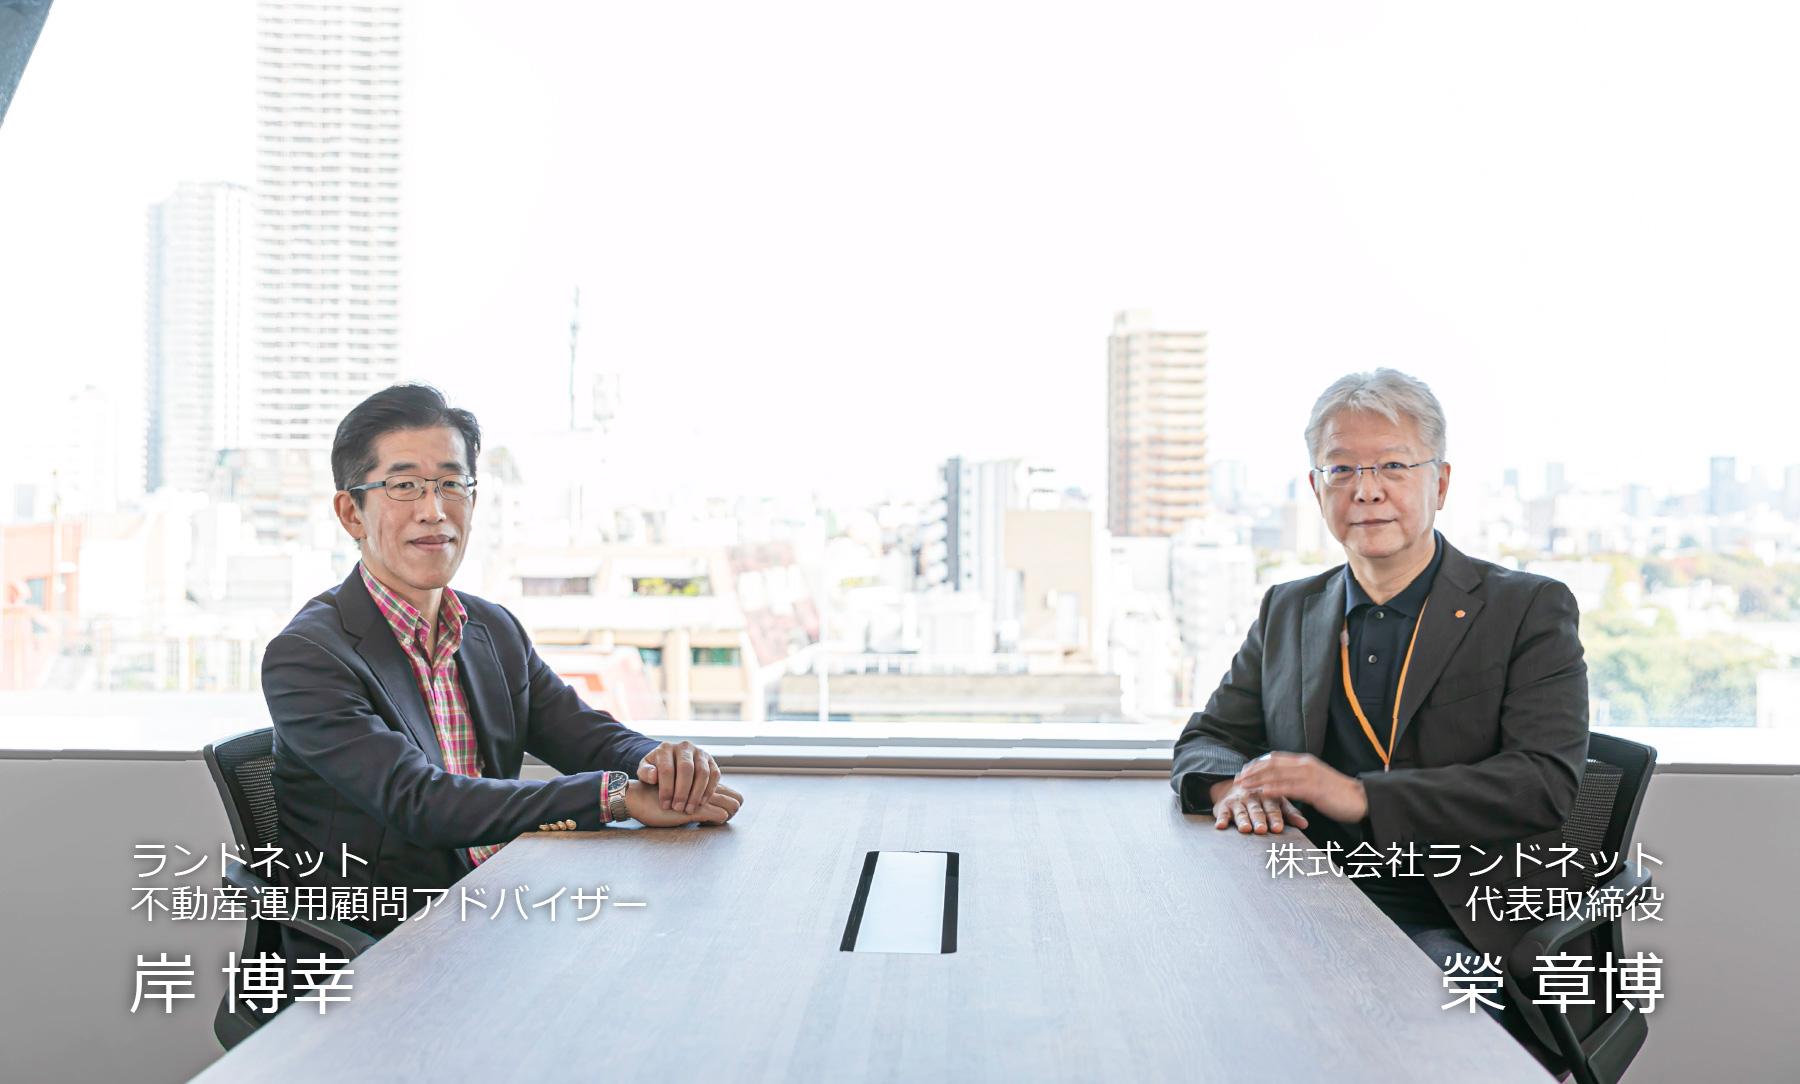 左:ランドネット・不動産運用顧問アドバイザー「岸 博幸」、右:株式会社ランドネット代表取締役「榮 章博」